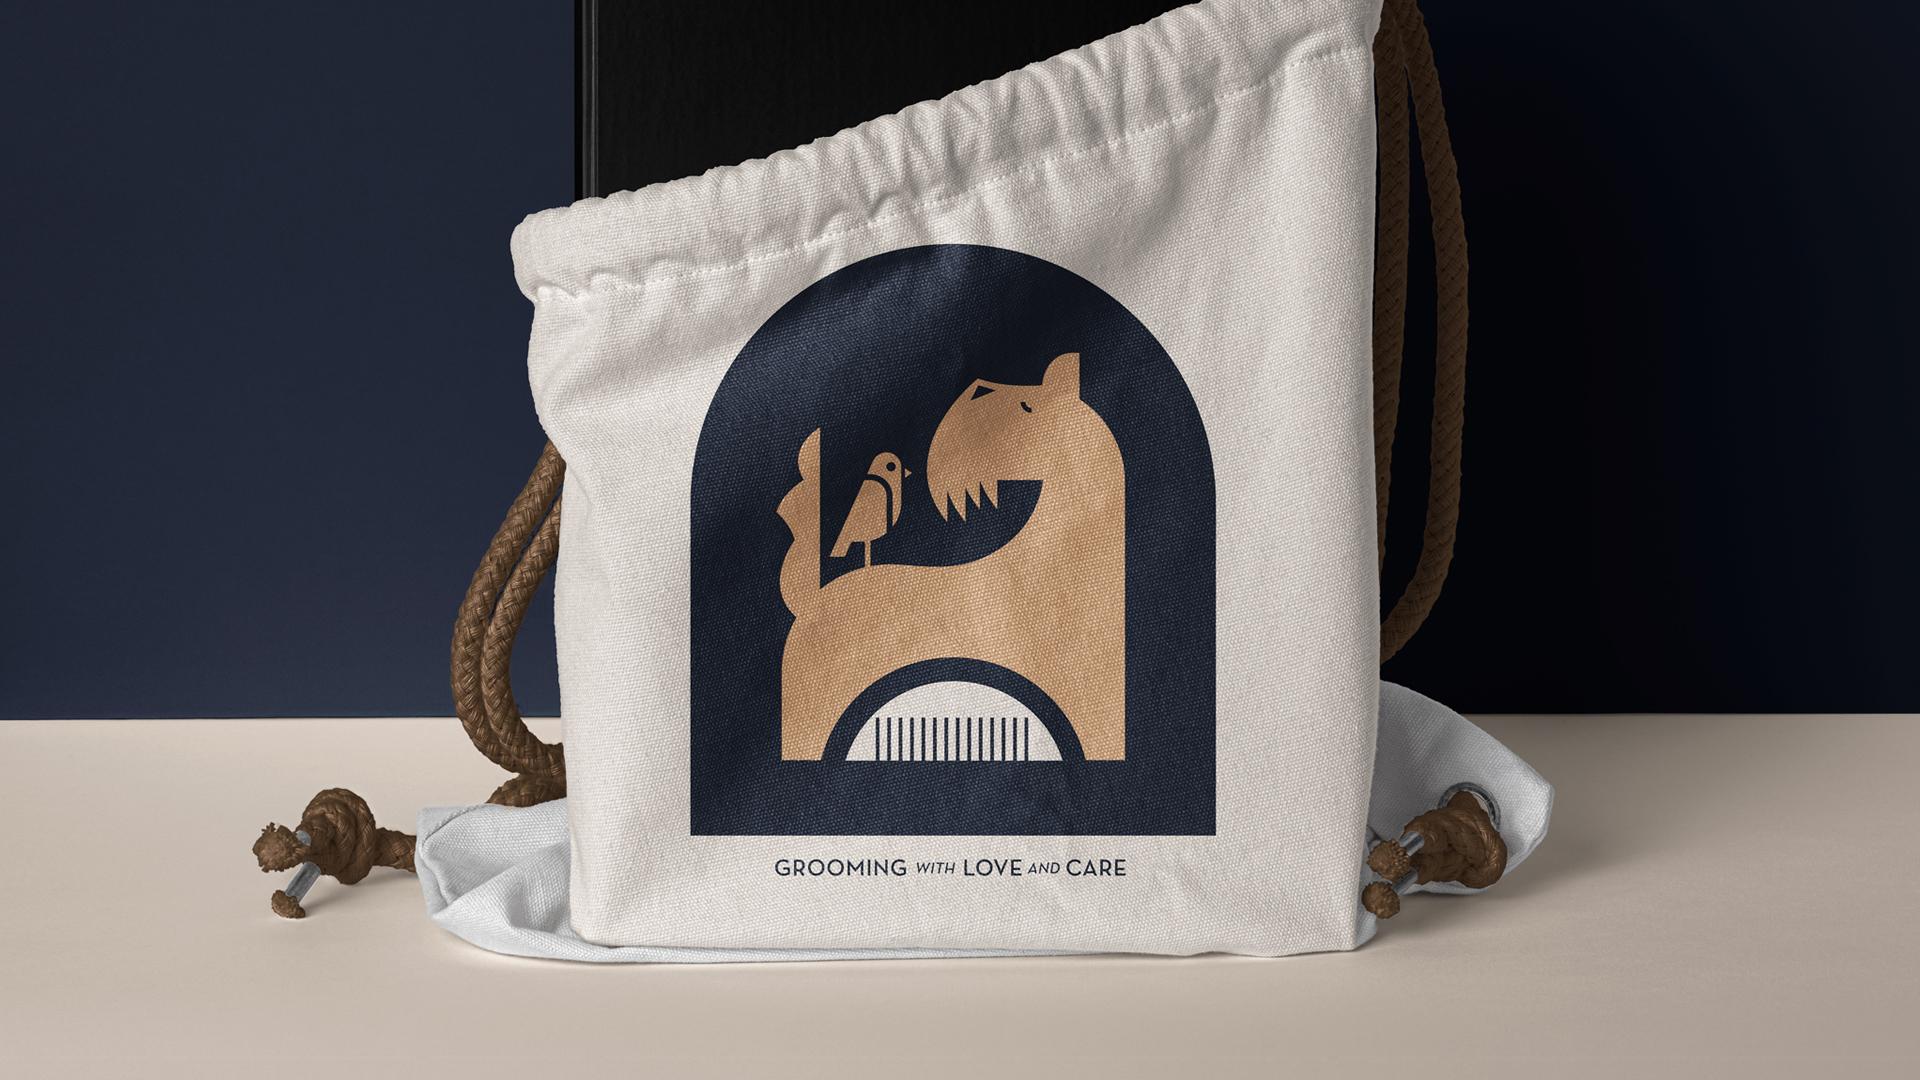 Dog Groomer Branding Design by Maria Delliou